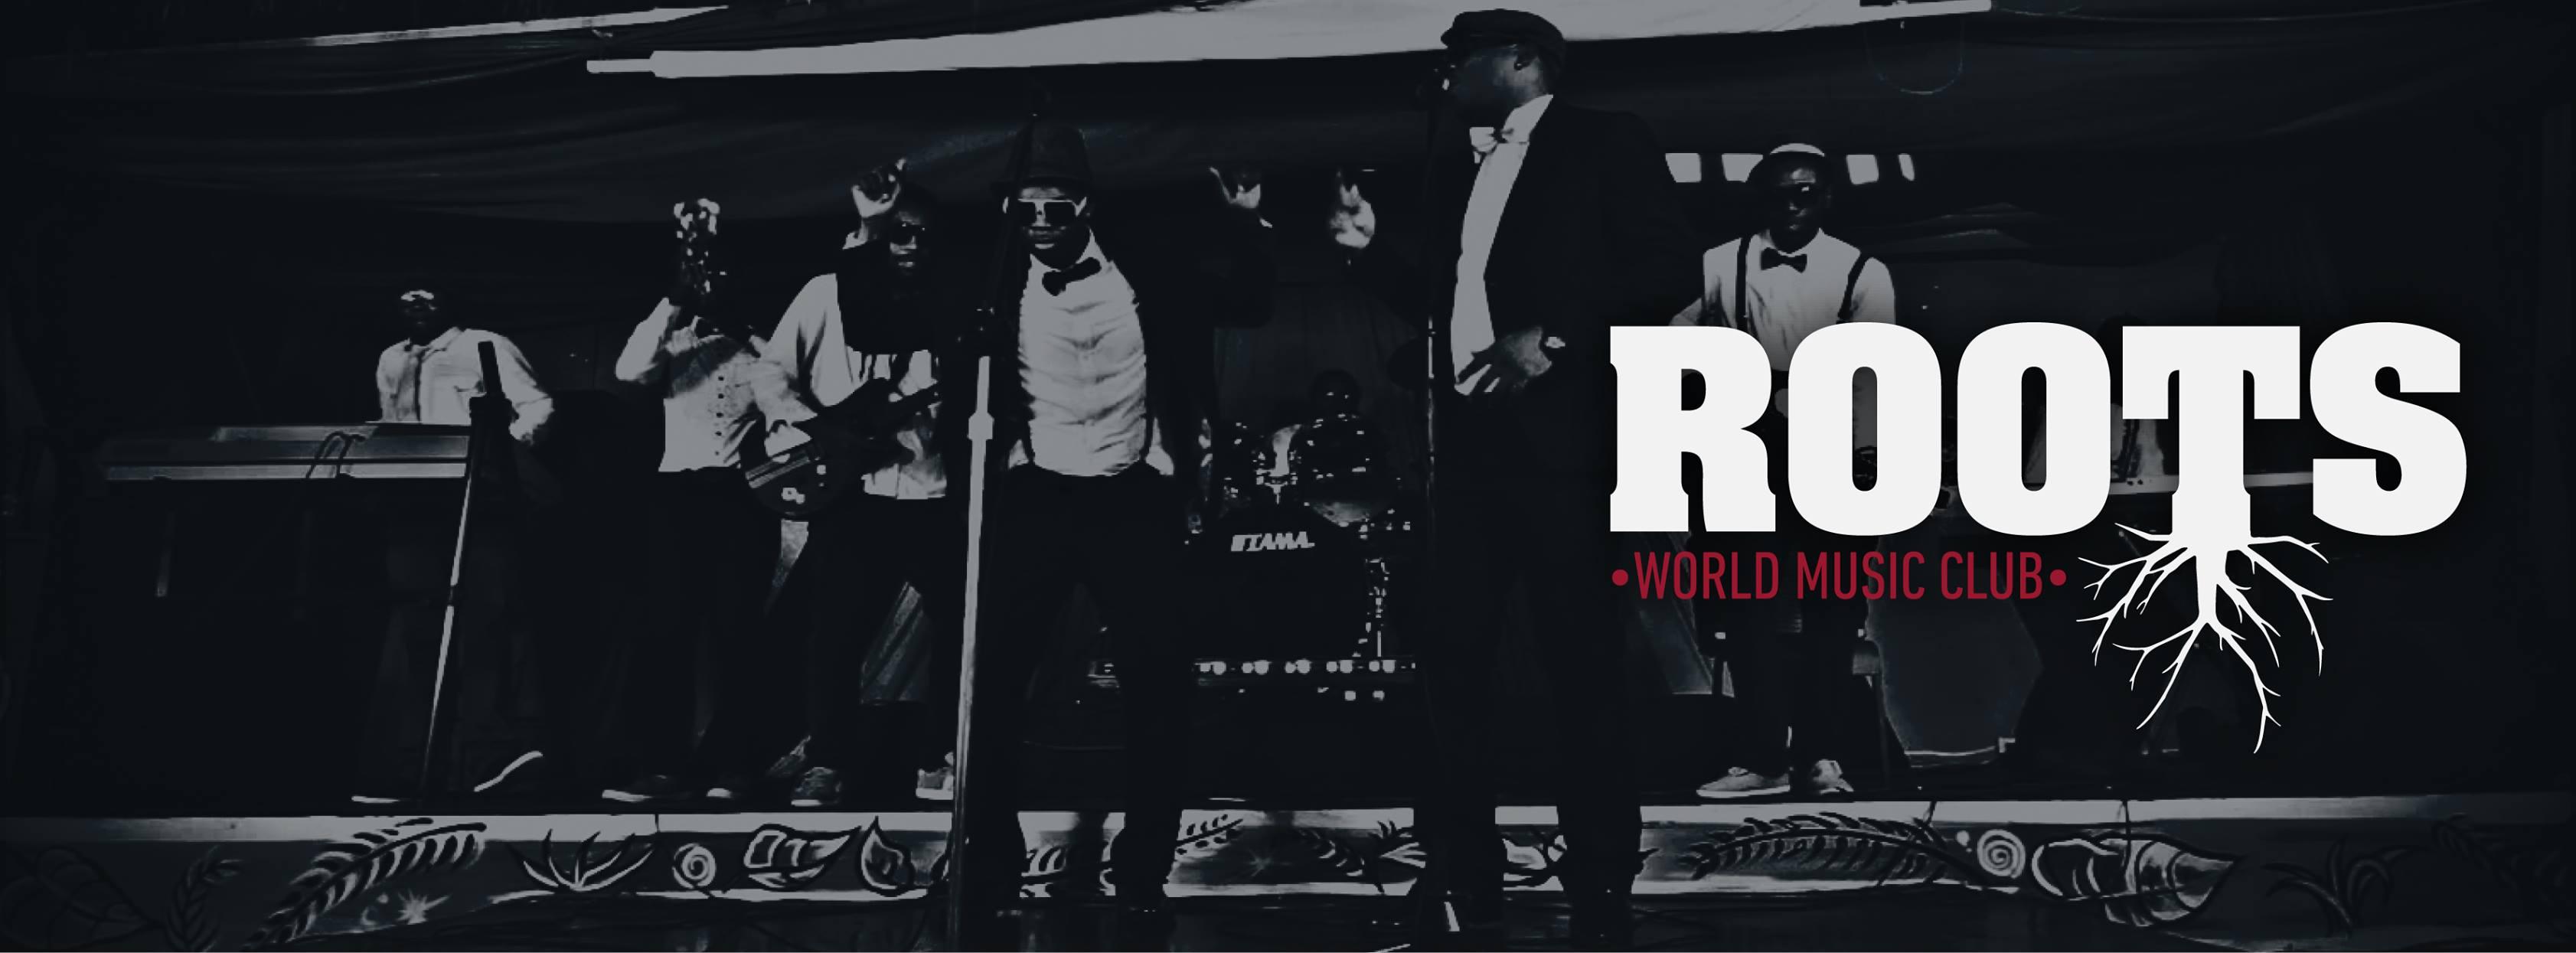 Roots, un nuevo club con raíces reggae y rap en Murcia